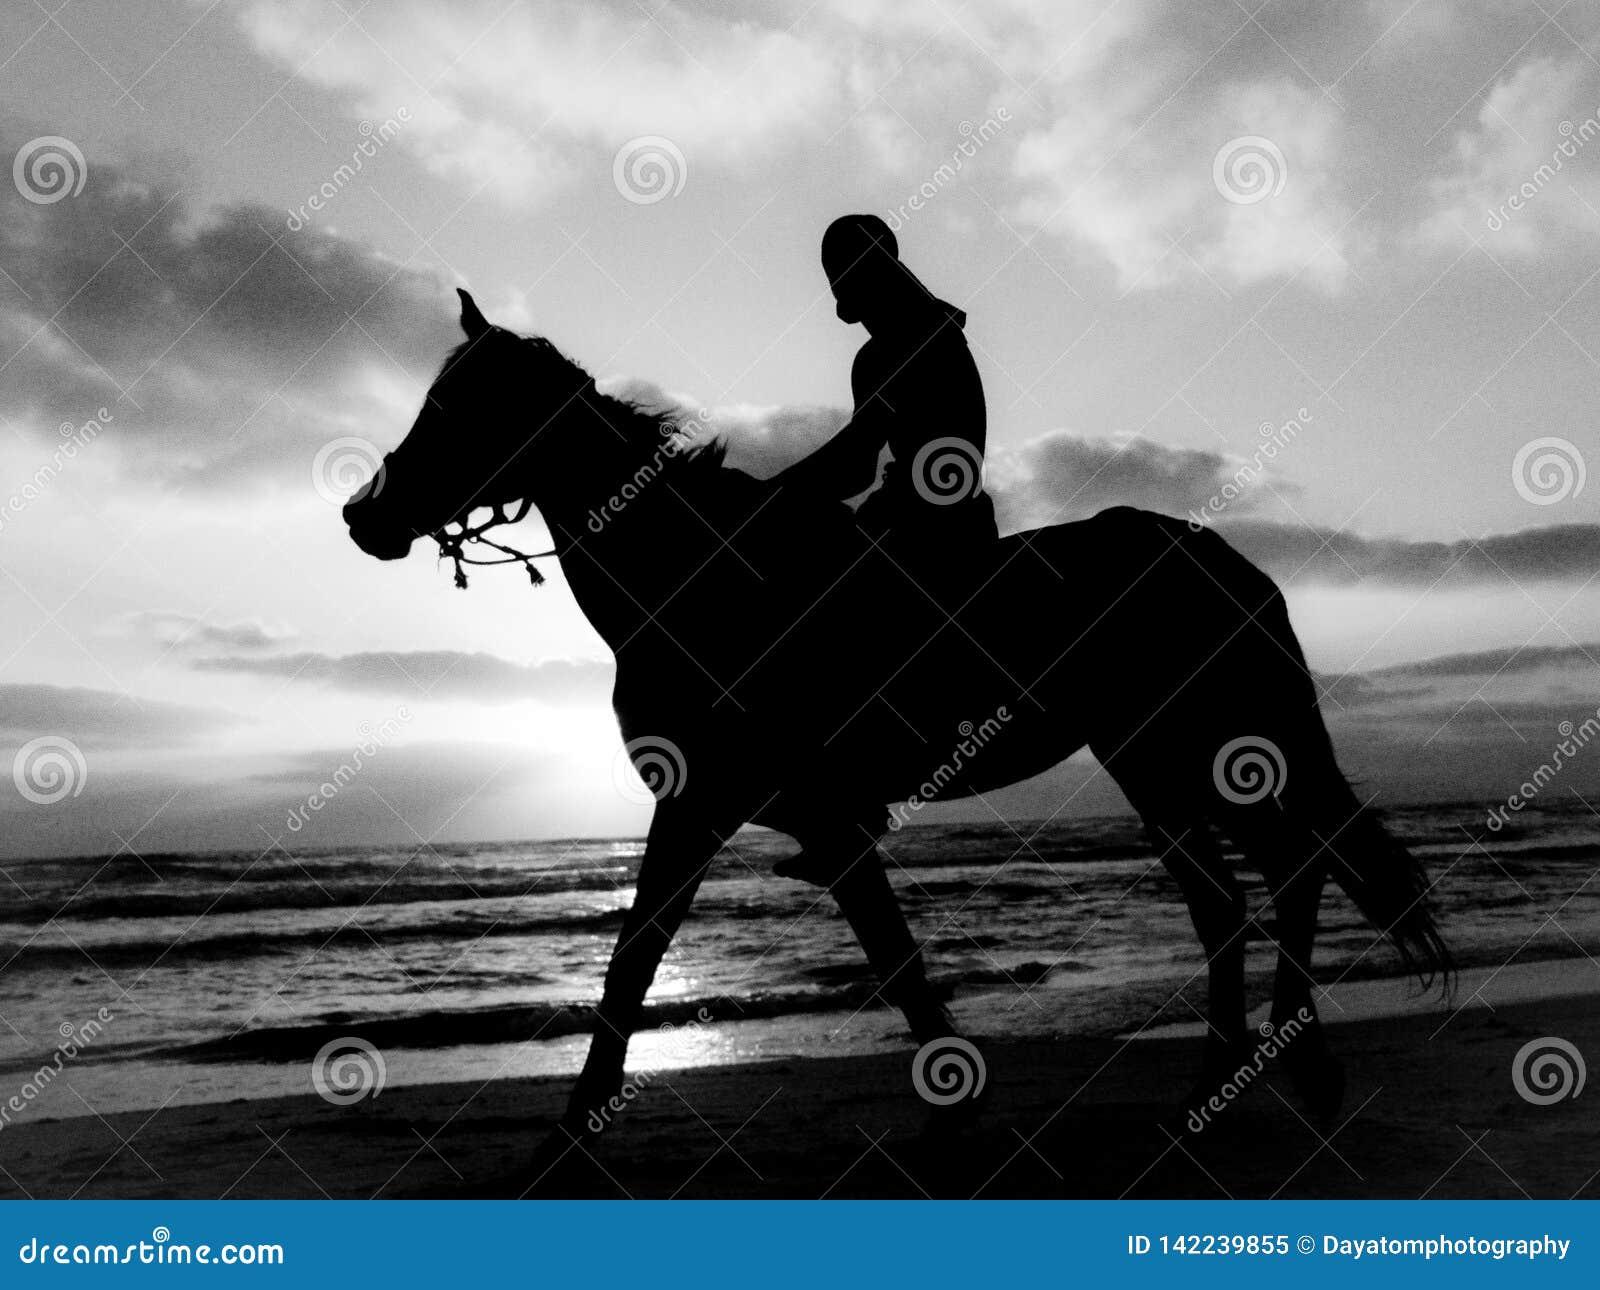 Γραπτή σκιαγραφία ενός ατόμου που οδηγά ένα άλογο σε μια αμμώδη παραλία κάτω από έναν νεφελώδη ουρανό κατά τη διάρκεια του ηλιοβα